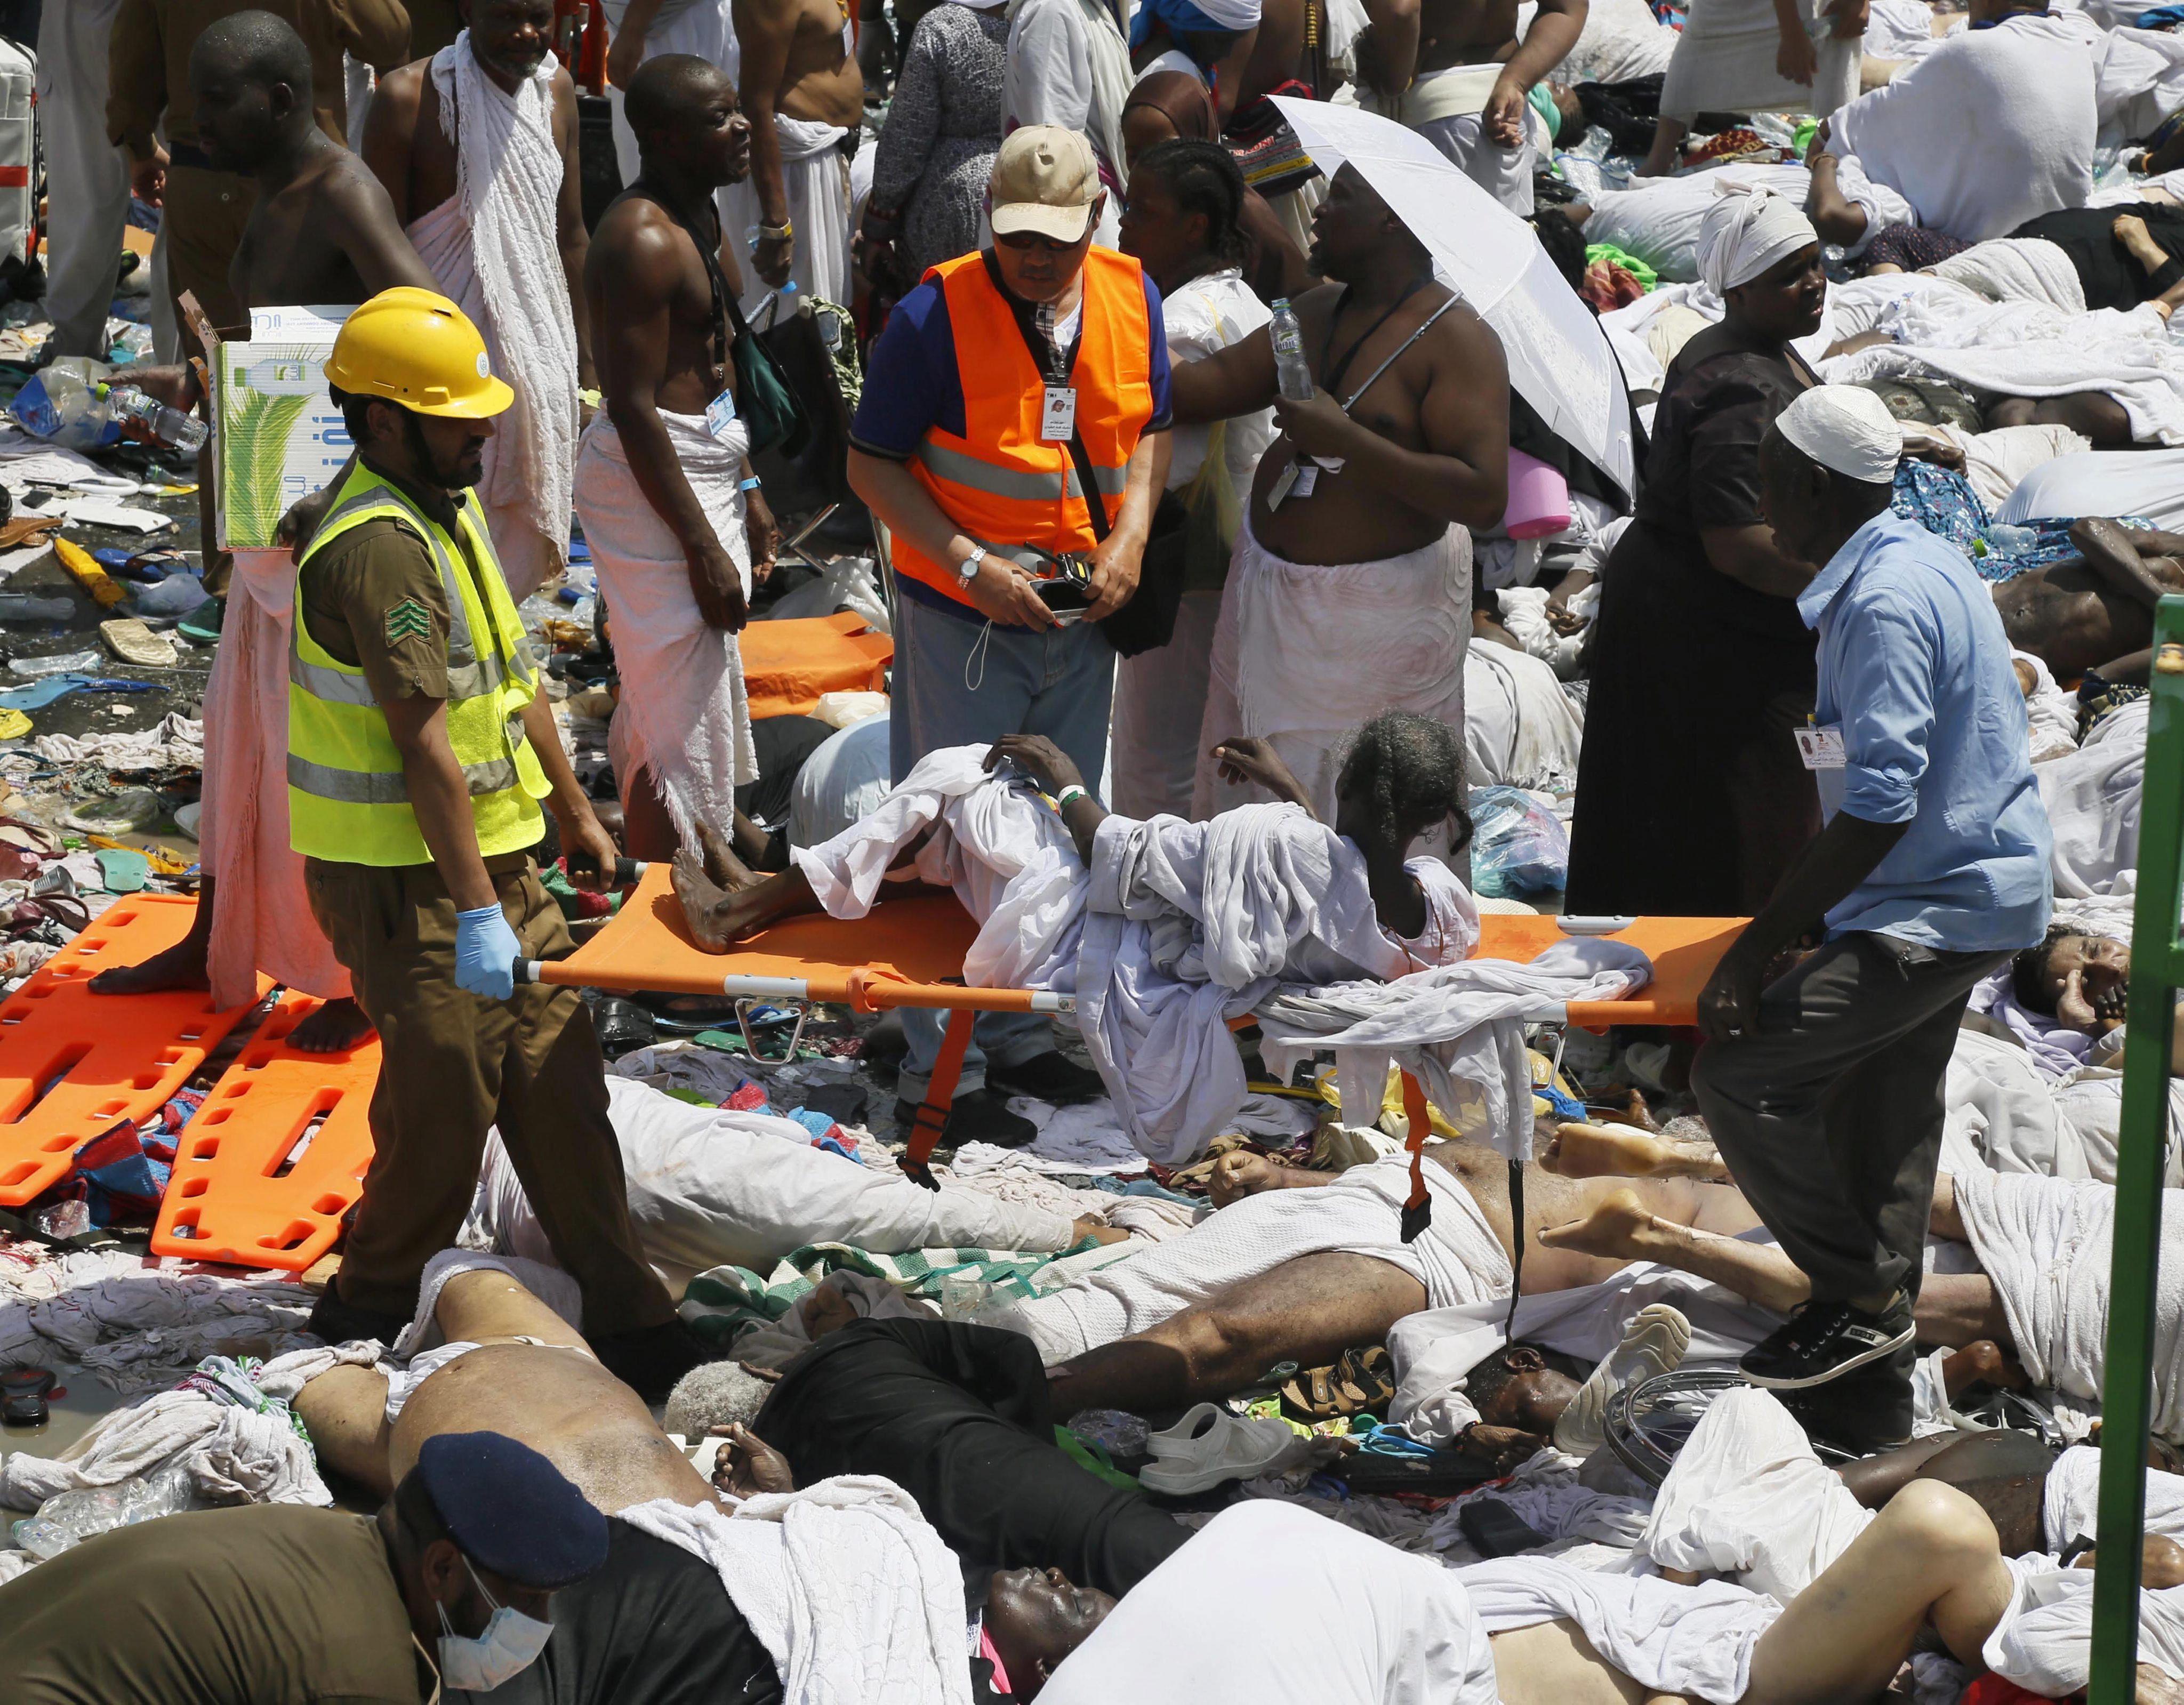 MI04 MECA (ARABIA SAUDÍ) 24/09/2015.- Peregrinos reciben atención médica tras una avalancha de gente en La Meca en Arabia Saudí hoy, 24 de septiembre de 2015. Al menos 310 personas murieron hoy y 631 resultaron heridas en una estampida en las afueras de la ciudad saudí de La Meca, provocada por la aglomeración y entrada masiva de peregrinos que participaban en el rito musulmán de la peregrinación, informó la Defensa Civil saudí. En un comunicado, explicó que las causas de la tragedia son el aumento en el flujo de peregrinos y la entrada repentina de un gran número de ellos hacia la zona donde se disponían a realizar un ritual. EFE/Ahmed Yosri